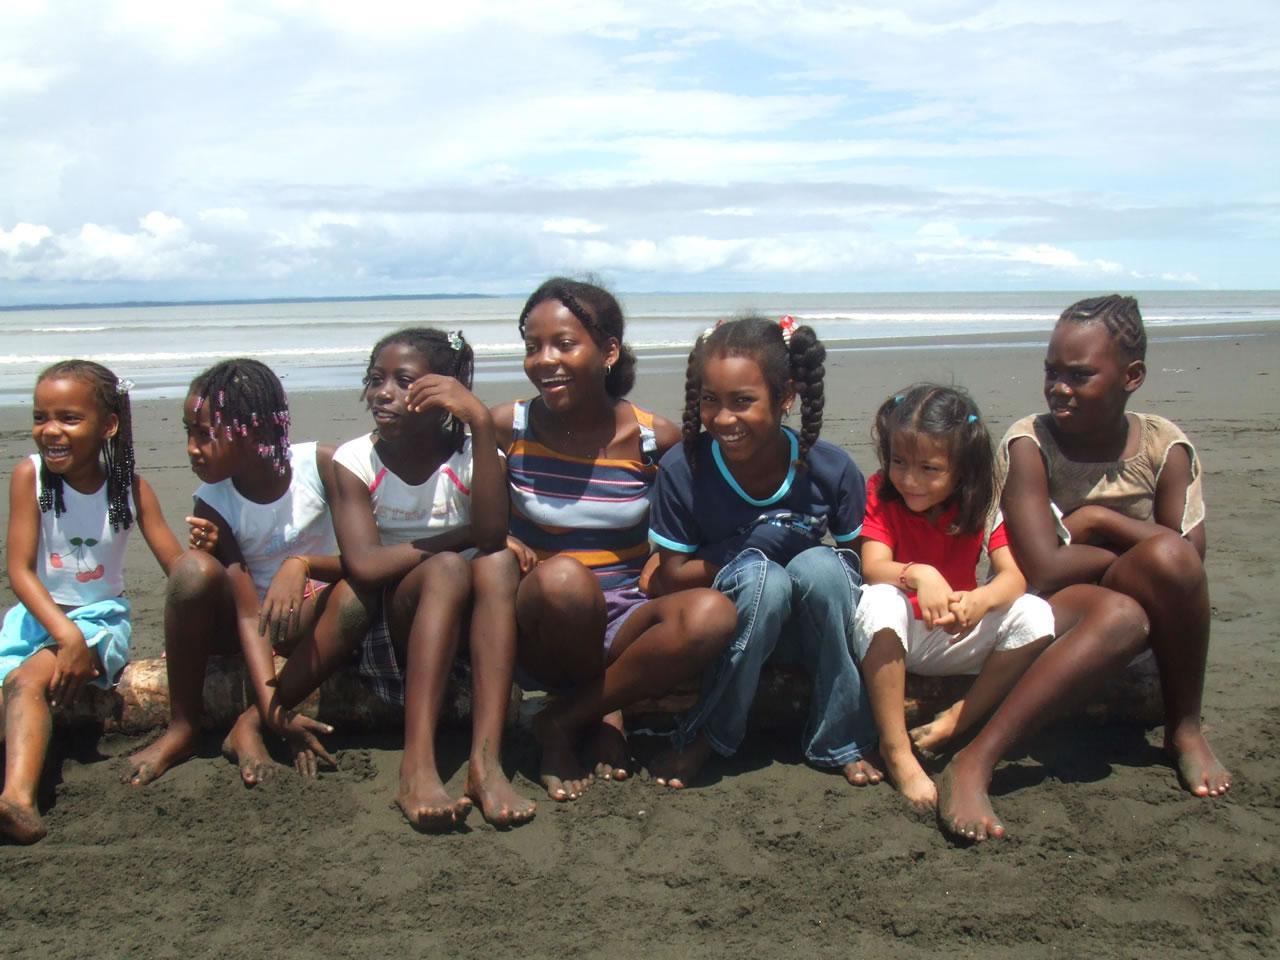 Películas latinoamericanas para niños: El pescador de estrellas (Colombia)